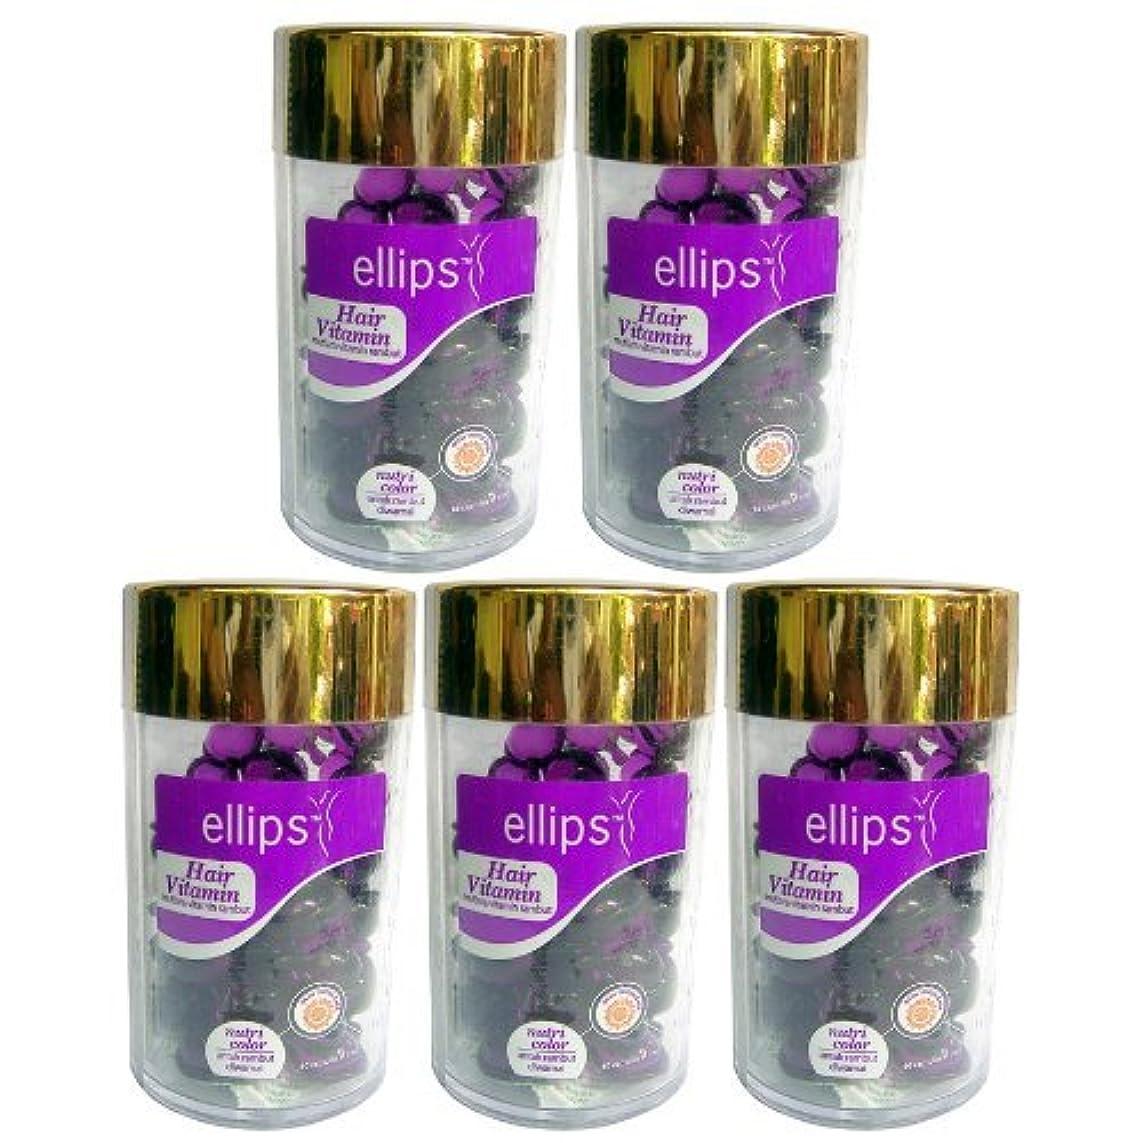 シャープランドマーク焼くEllips(エリプス)ヘアビタミン(50粒入)5個セット [並行輸入品][海外直送品] パープル